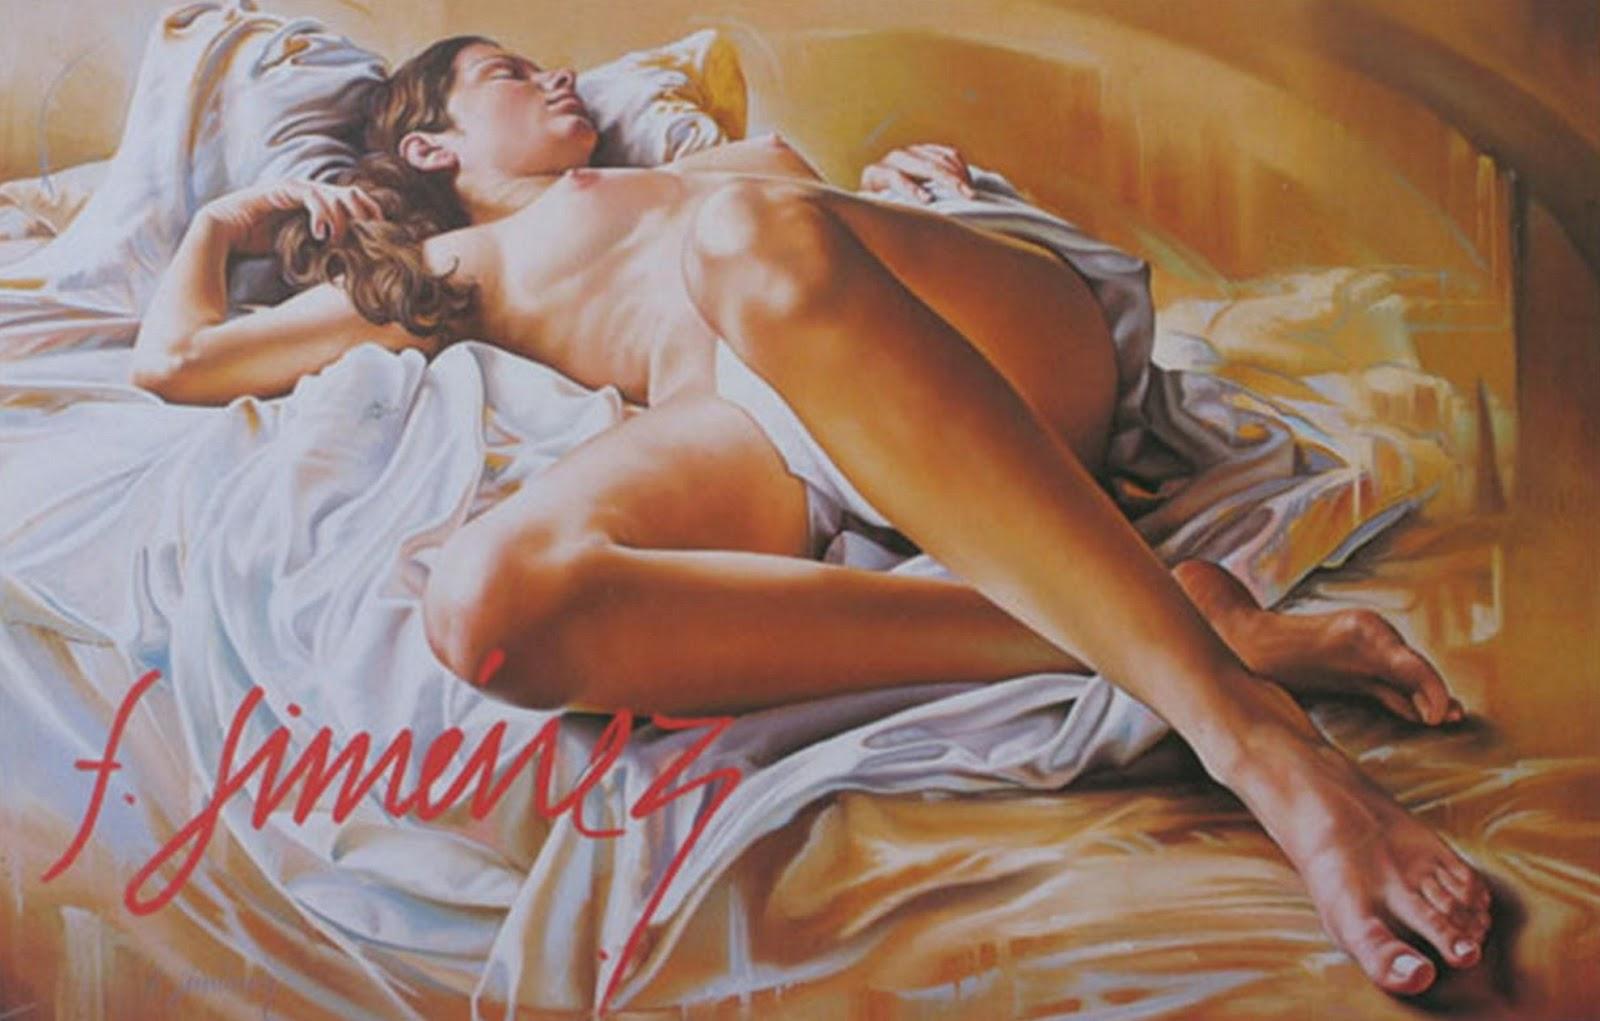 Hombre desnudo en cama fotos de Stock - Registrate Gratis